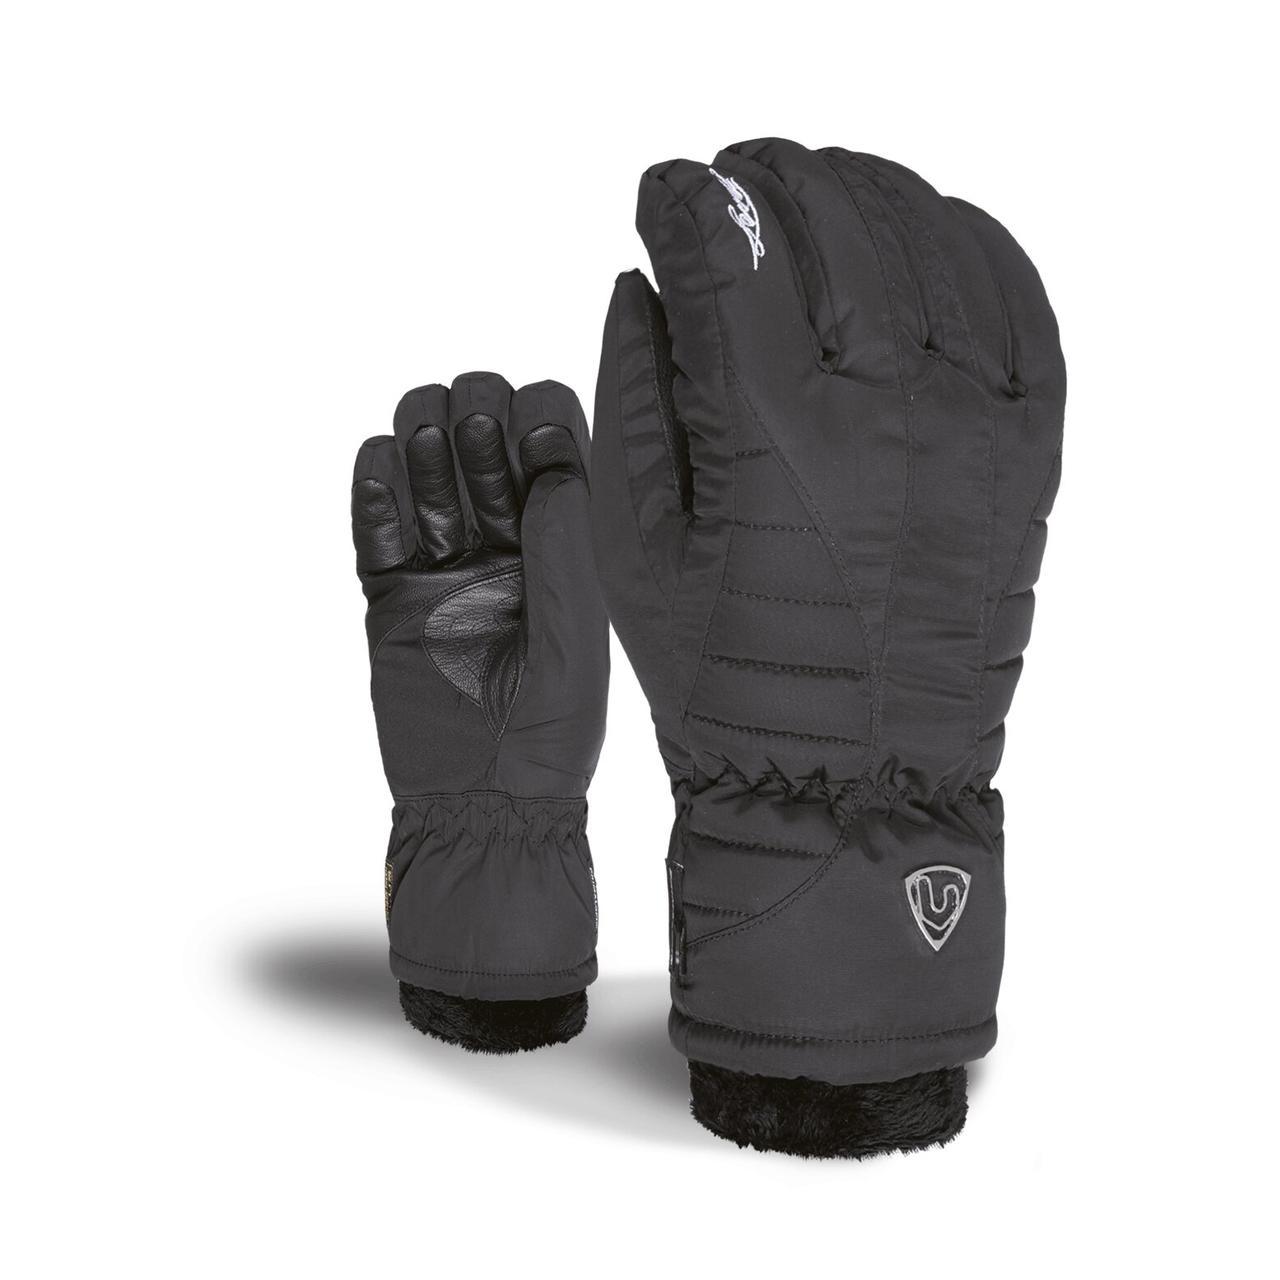 Гірськолижні рукавички Level Angel W Black, чорні | розмір - 7 (S)